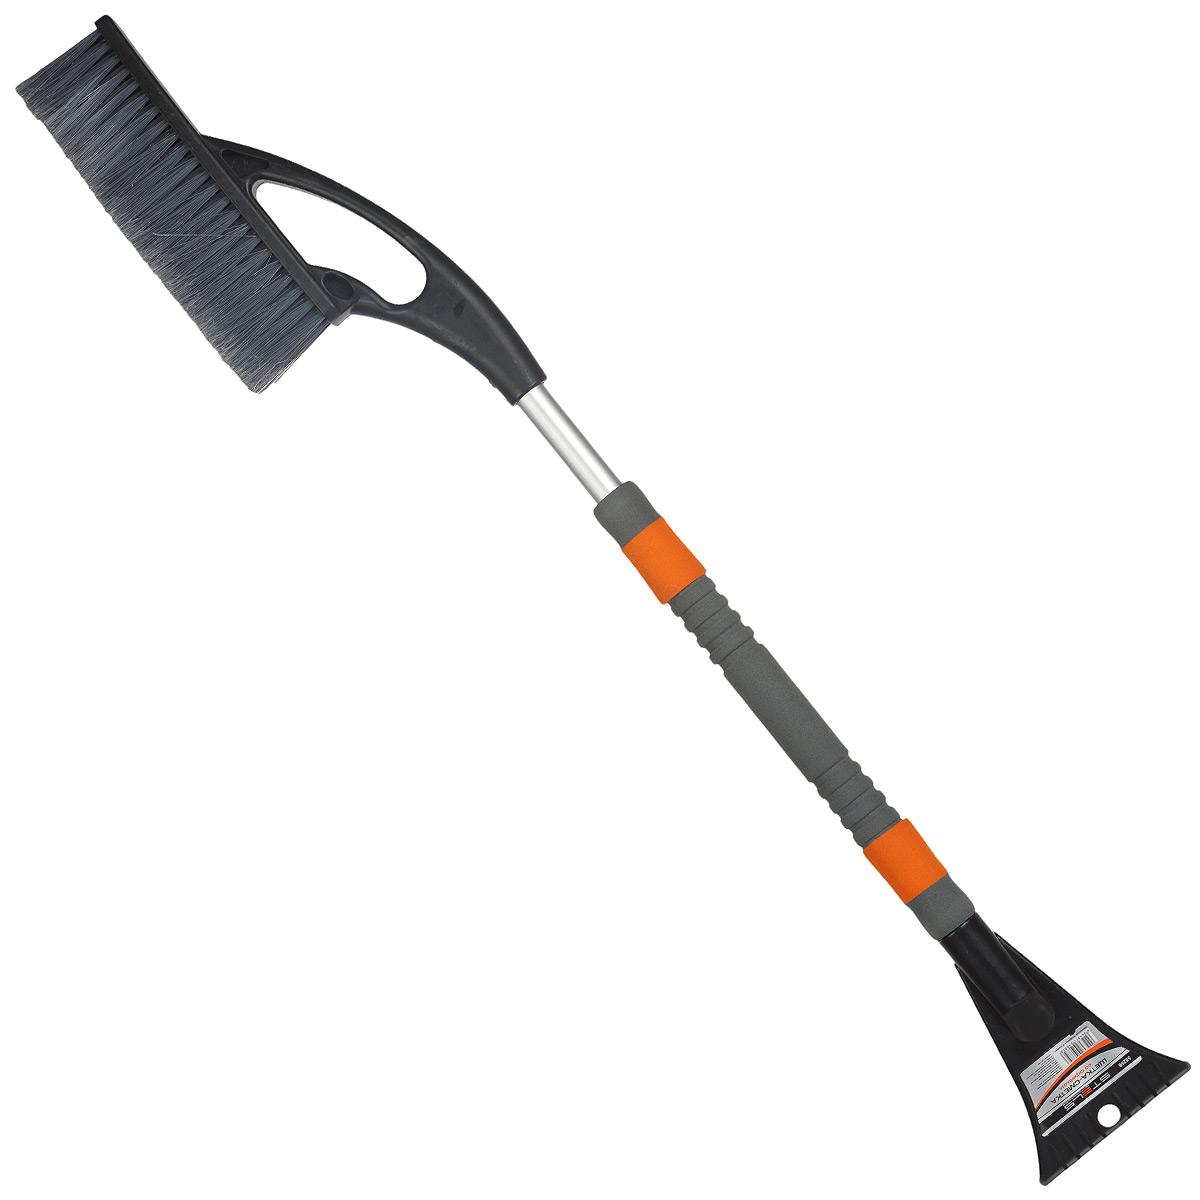 Щетка-сметка для снега Stels, со скребком, автомобильная, 85 смBWN-109Щетка-сметка Stels предназначена для удаления снега и льда с автомобиля. Оснащена усиленной рукояткой из алюминиевого сплава с удлиненным мягким держателем. Густая распушенная щетина для бережной очистки снега с поверхности. Имеет мощный скребок с зубьями для дробления льда.